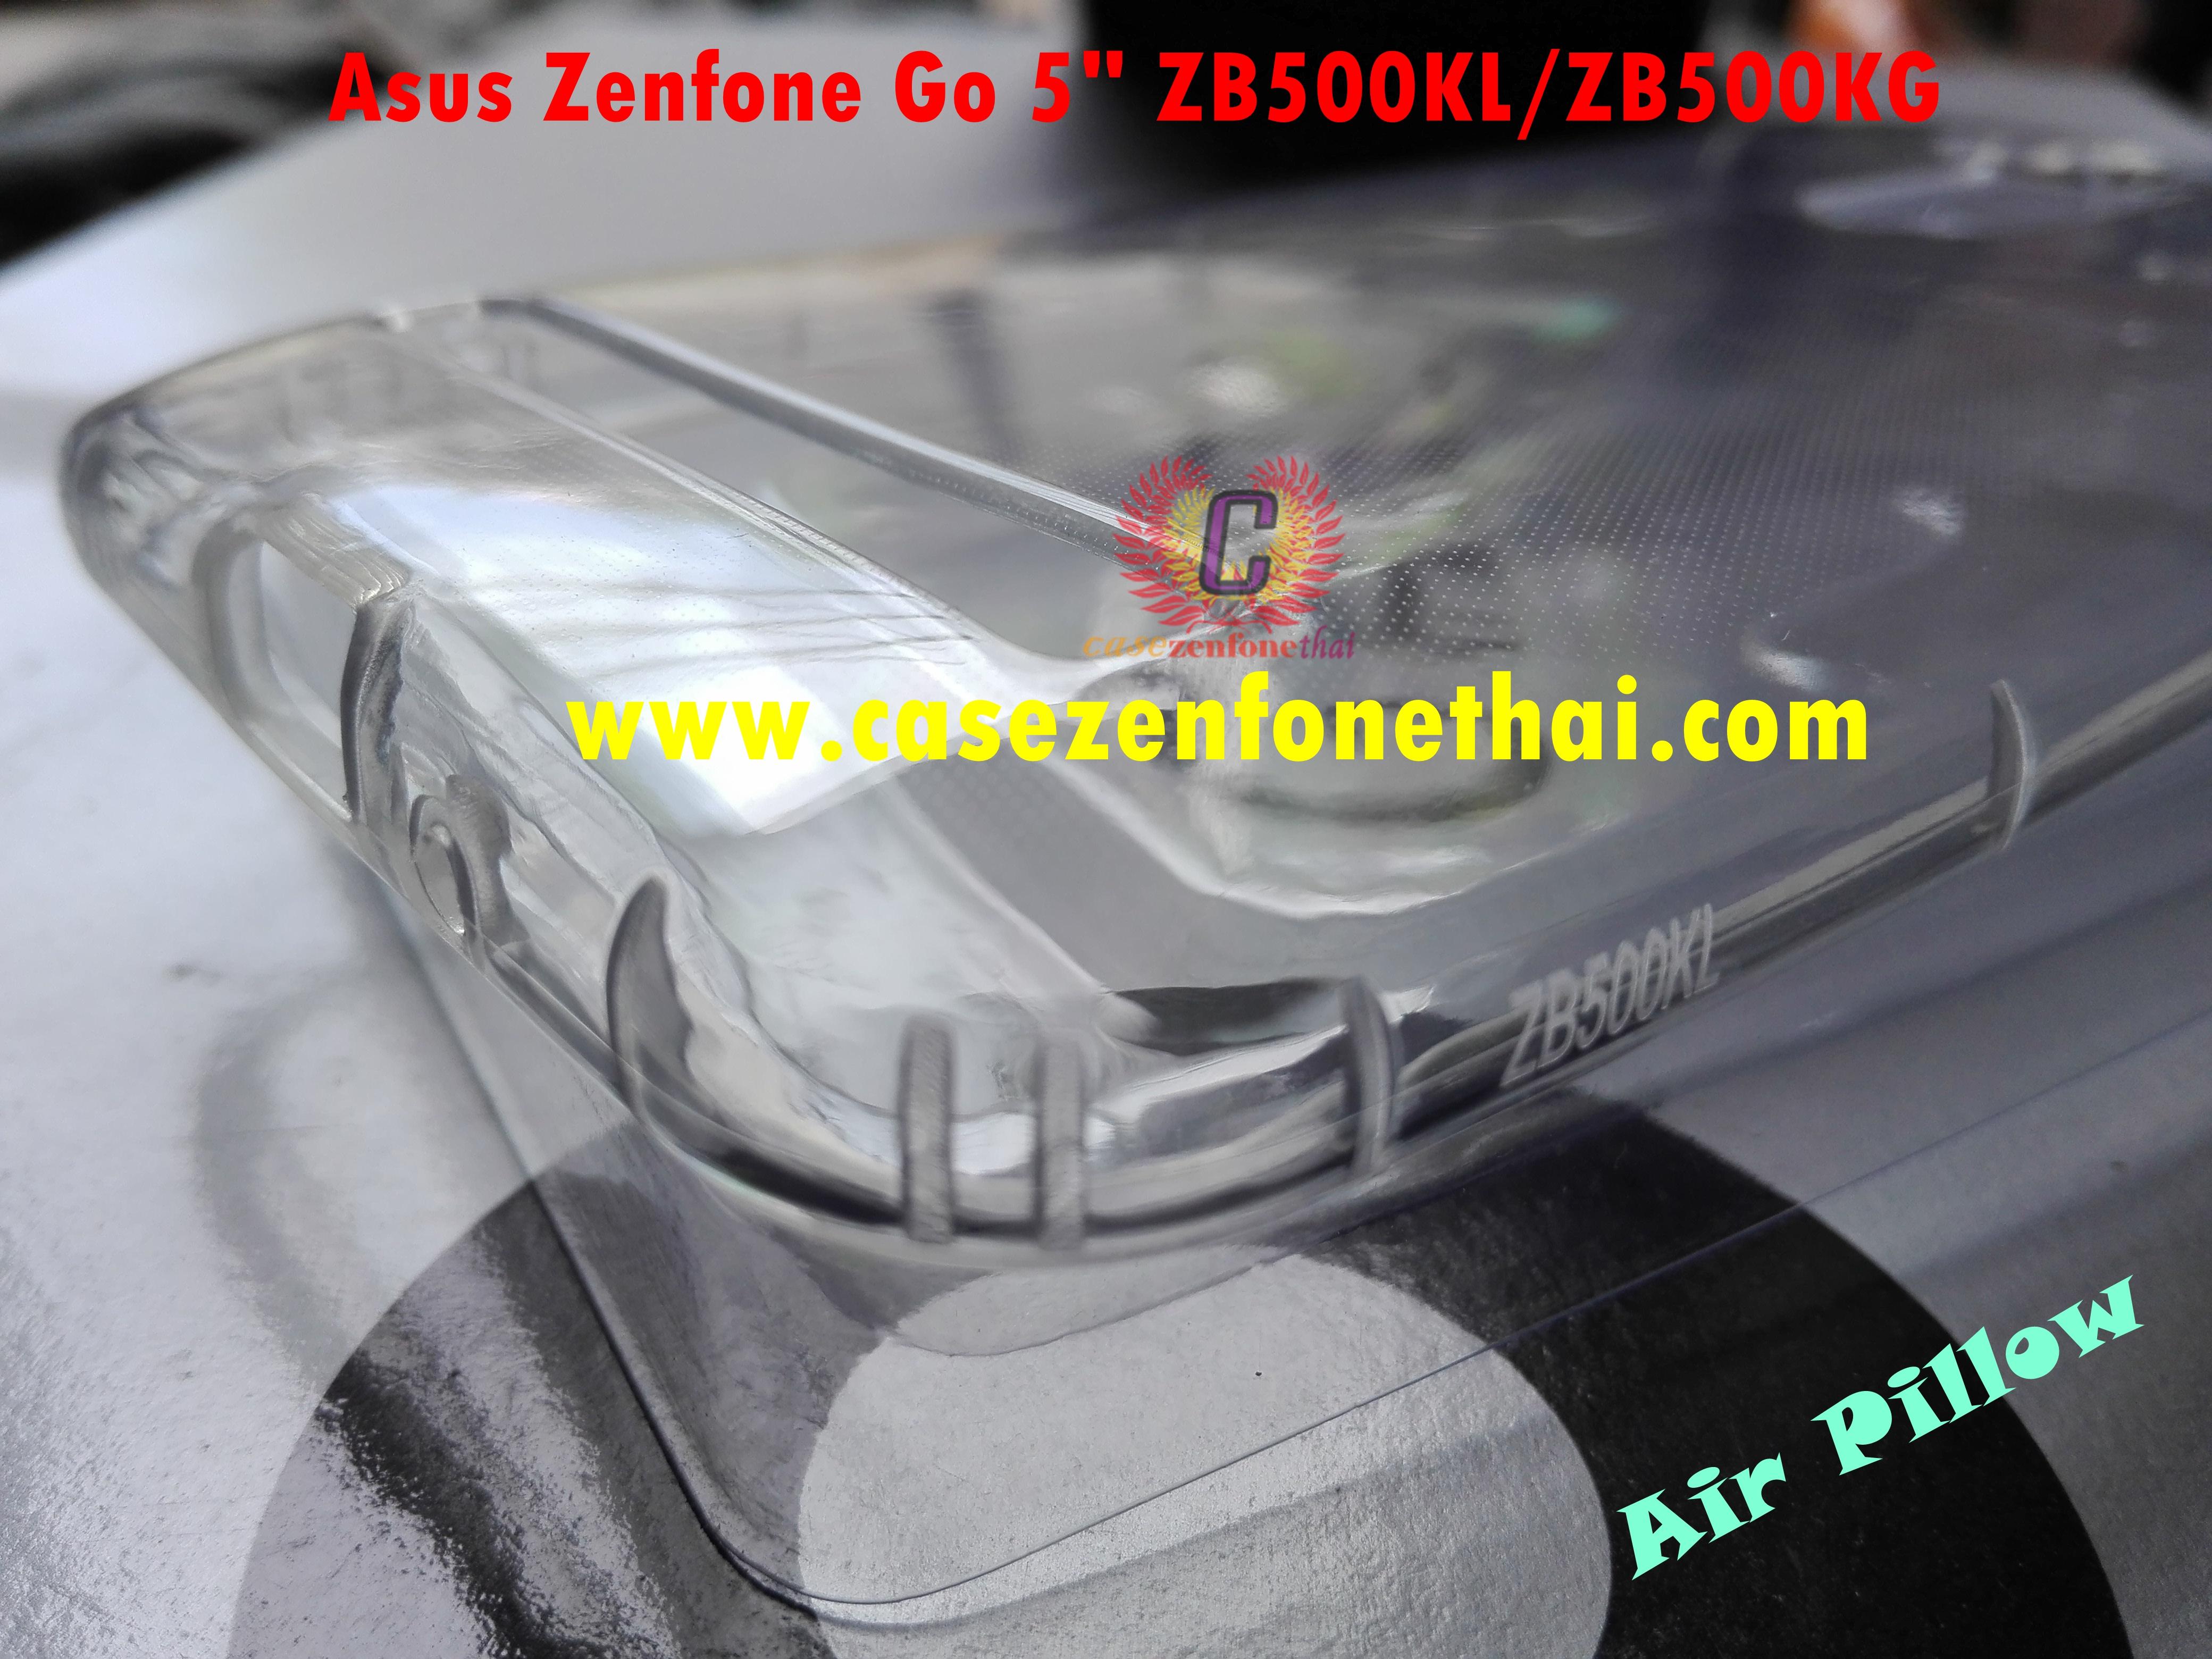 เคส asus zenfone go 5 zb500kl เคส asus zenfone go 5 zb500kg TPU นิ่ม ใส Airpillow Case เสริมขอบป้องกันการกระแทก